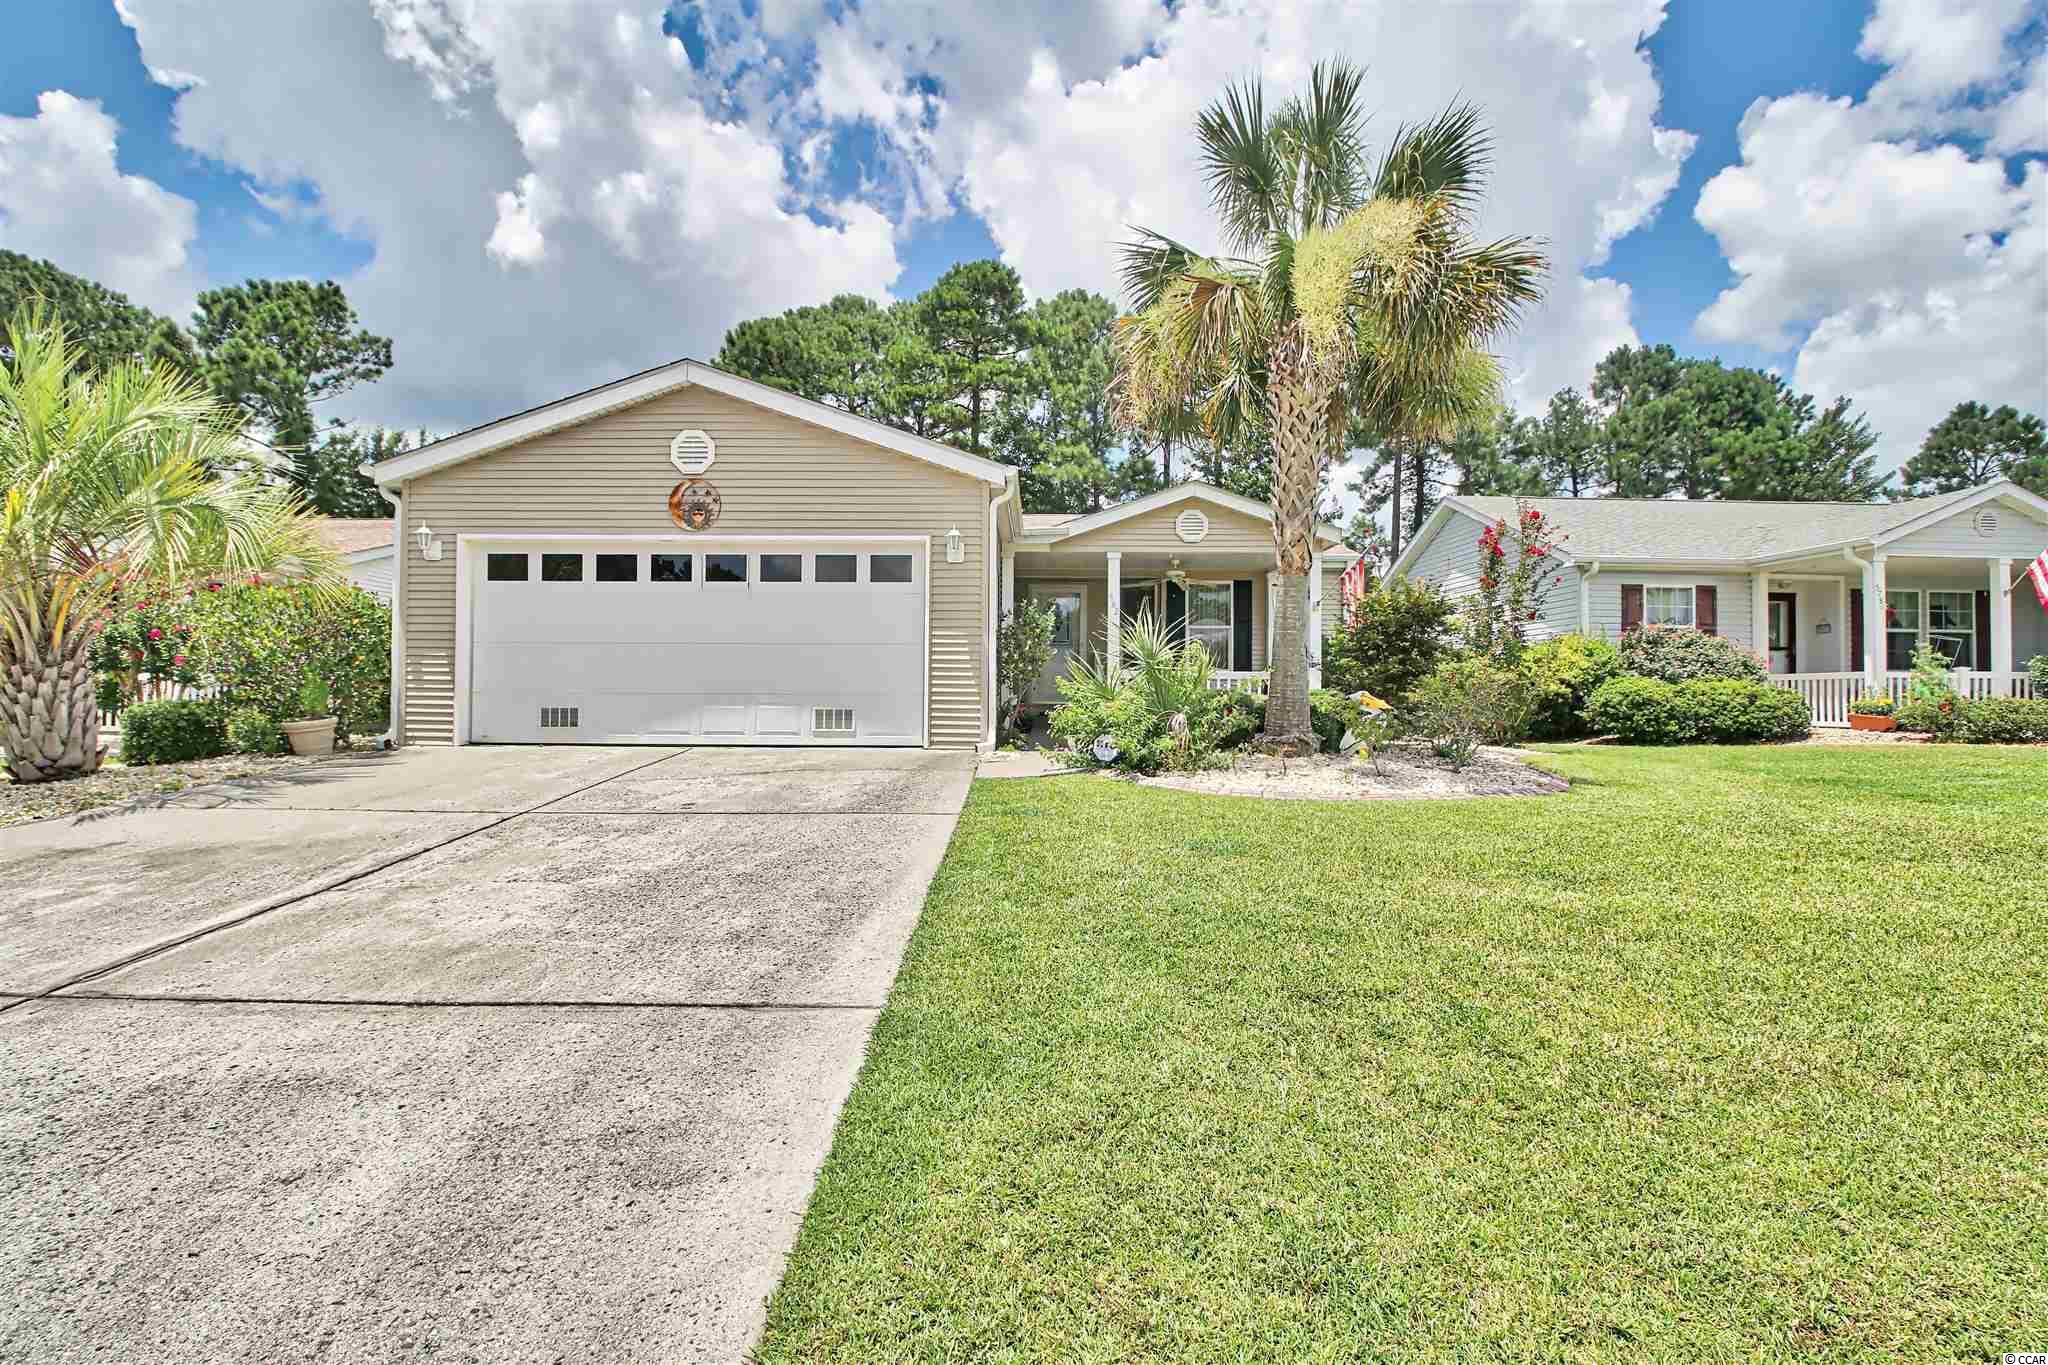 582 Woodholme Dr. Property Photo 1